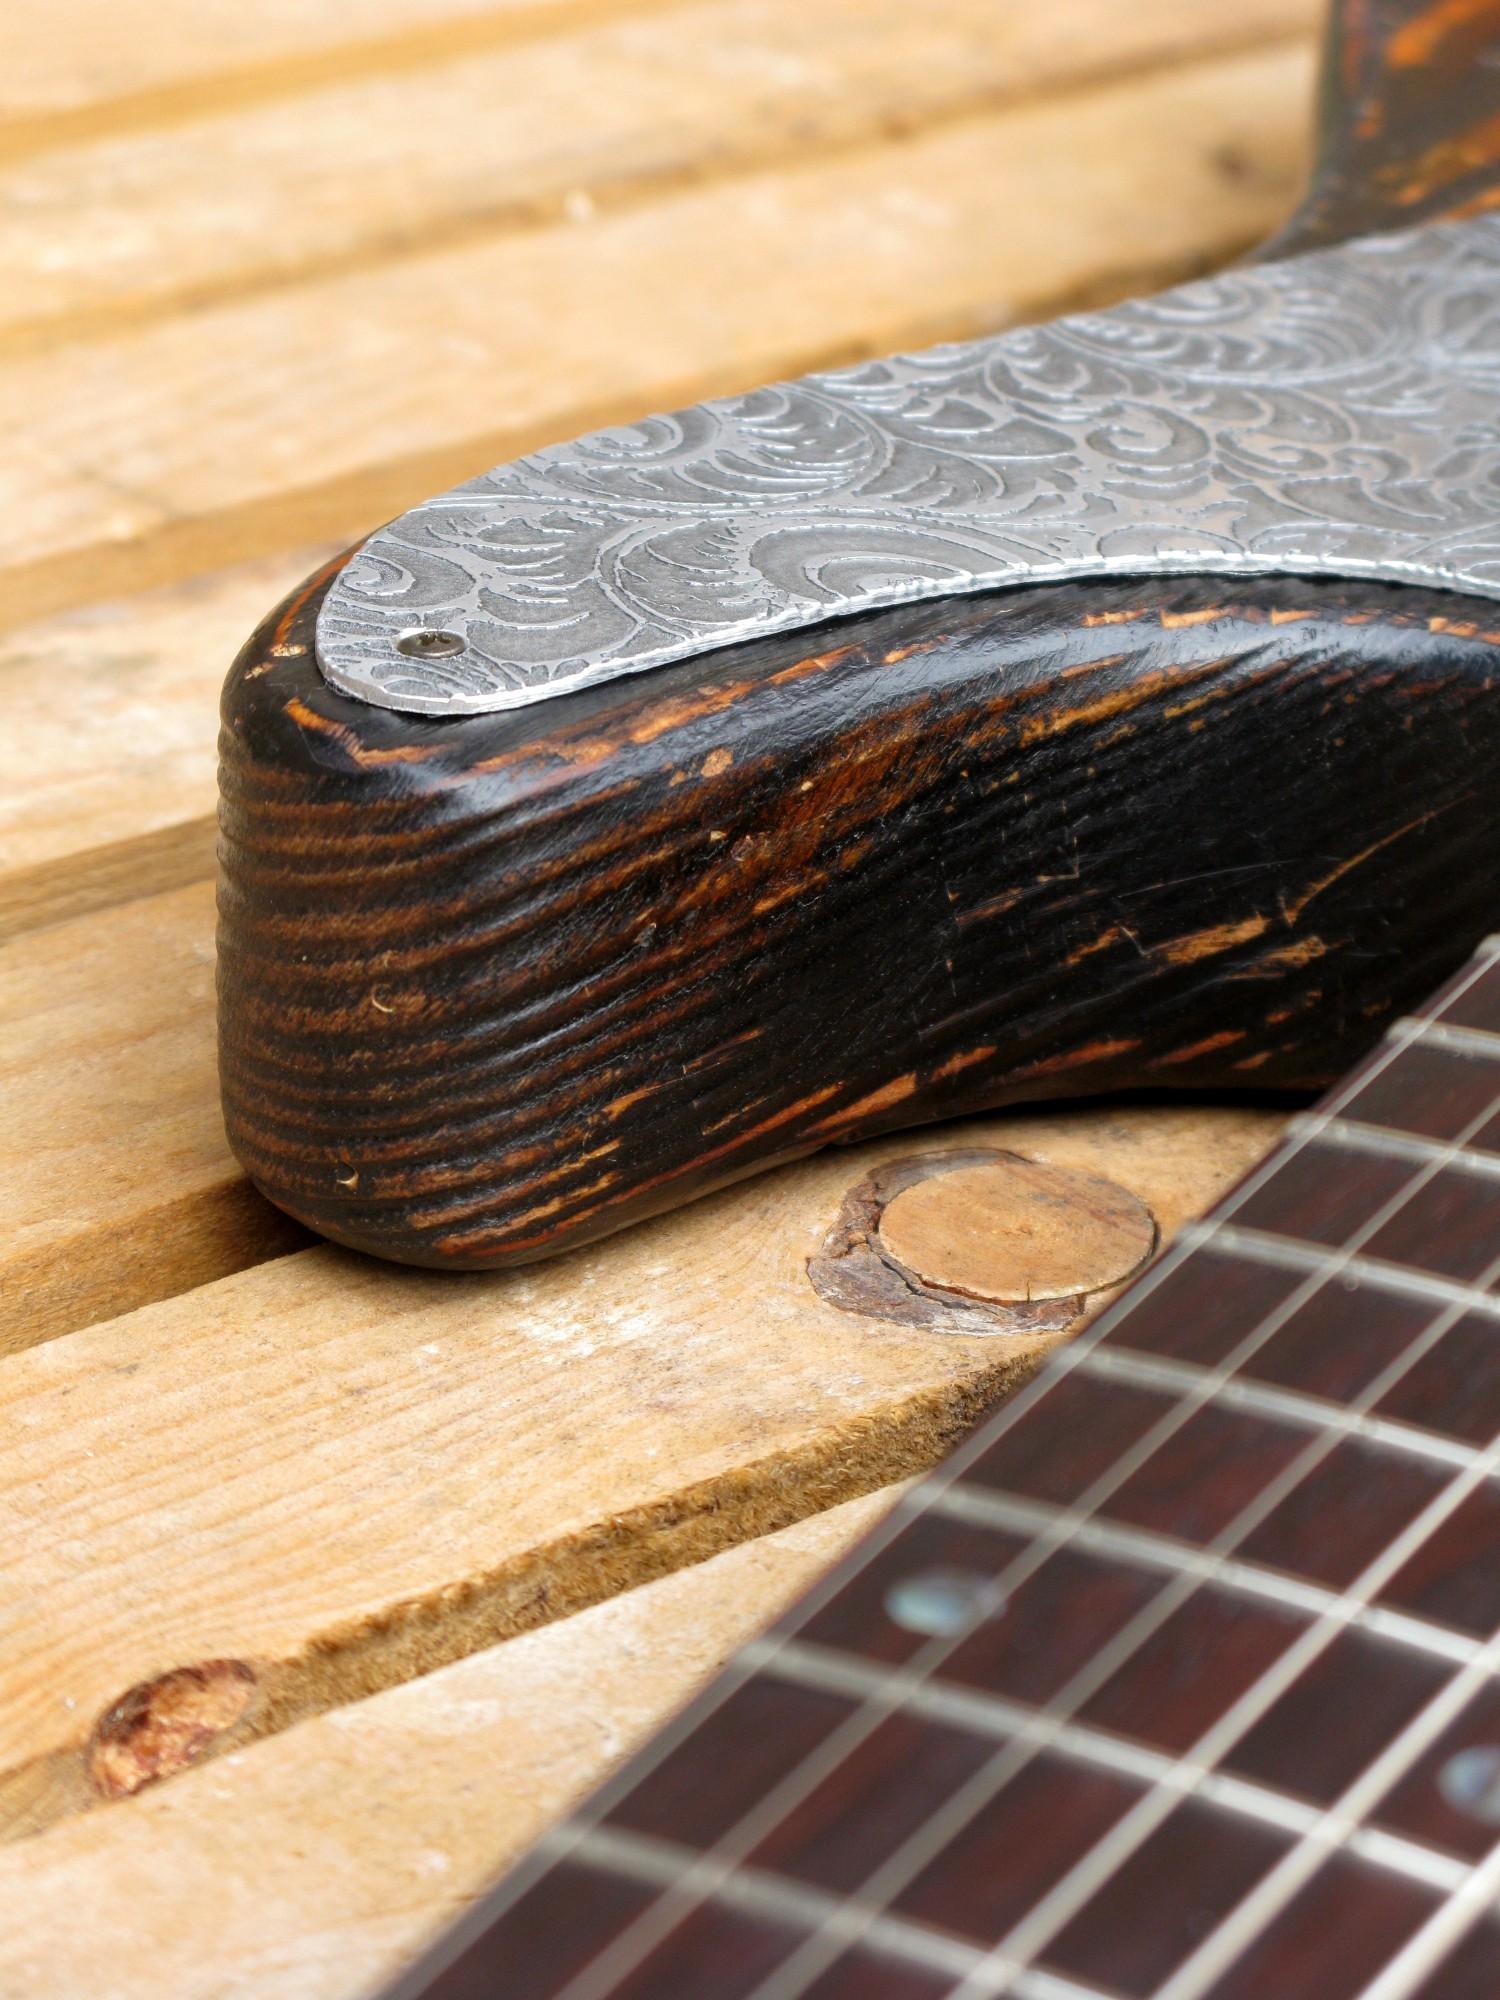 Chitarra modello Stratocaster, body in pino, manico in frassino, reverse: battipenna dettaglio